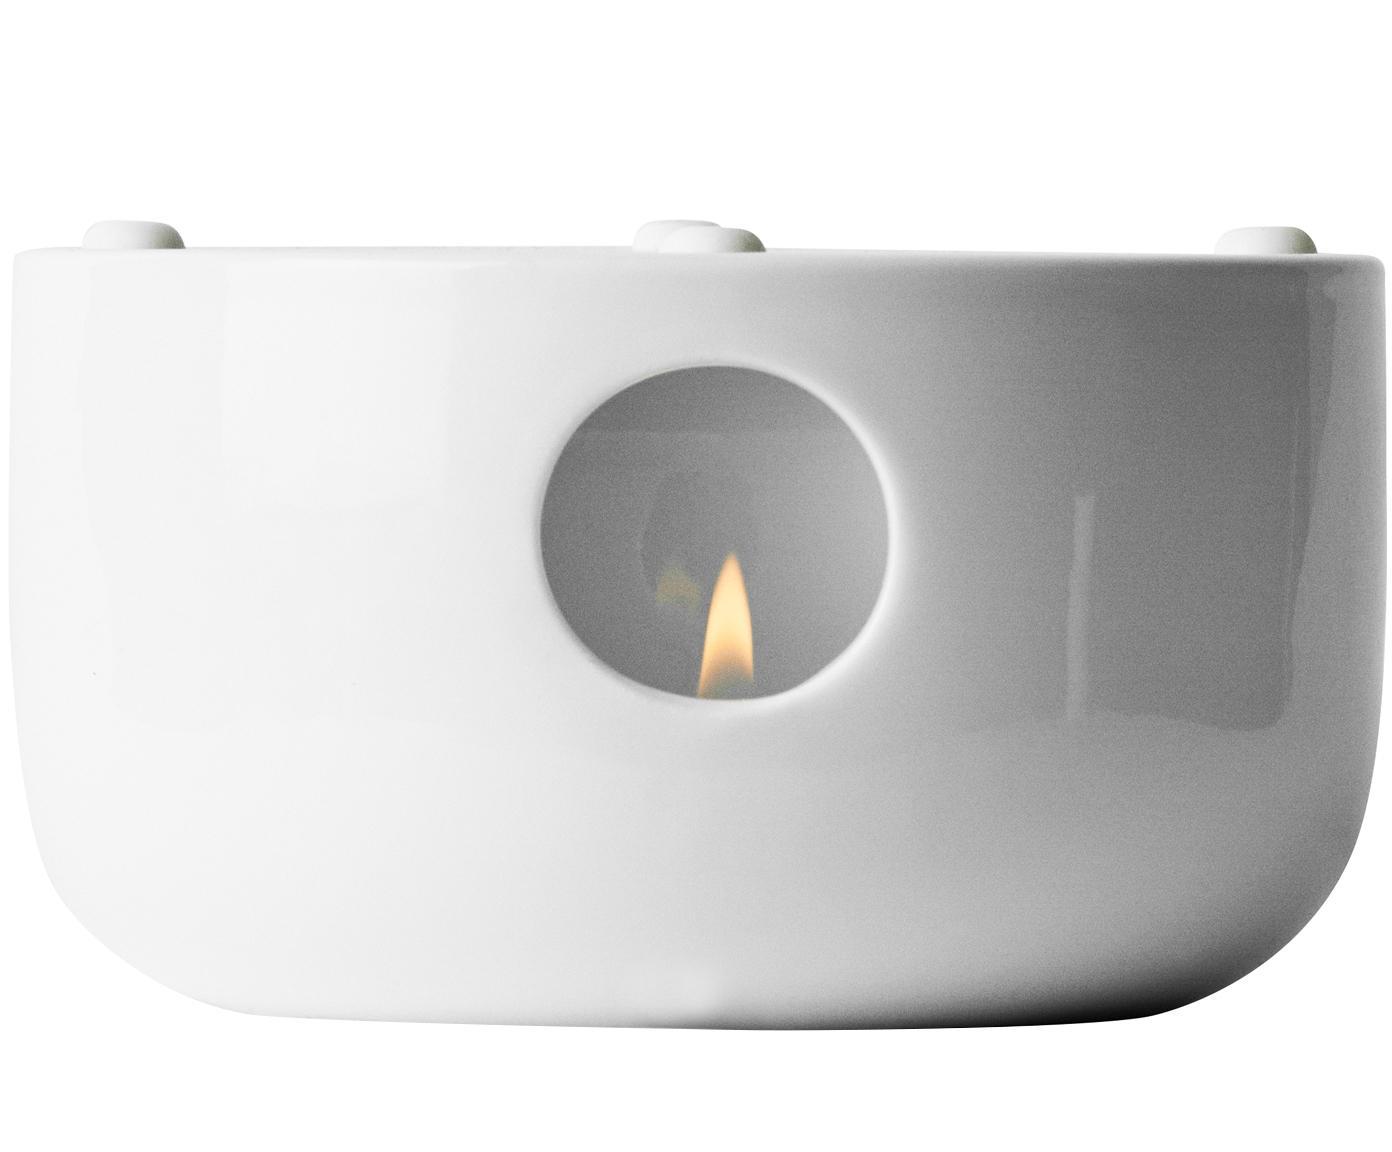 Podgrzewacz Kettle, Porcelana, silikon, Transparentny, biały, Ø 14 x 7 cm